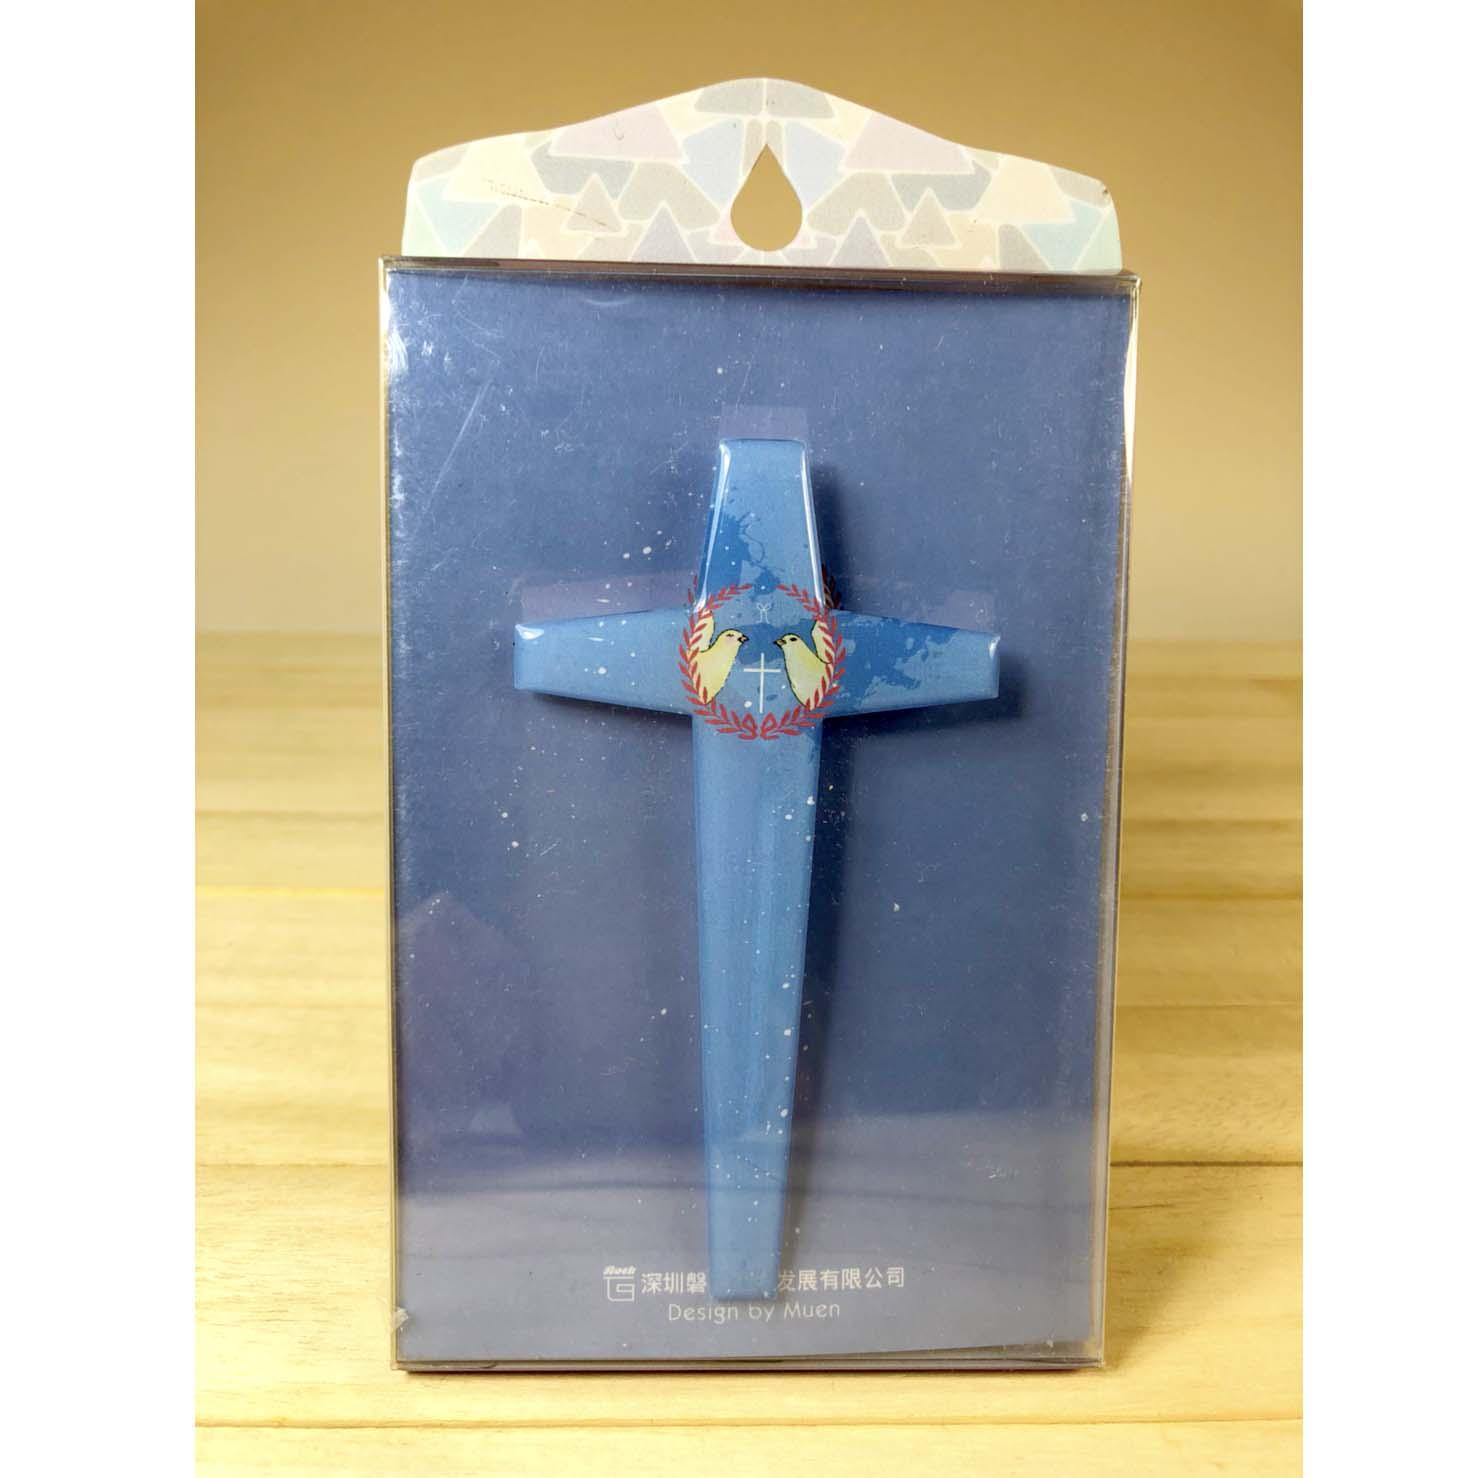 一份禮品-水滴十字架裝飾貼